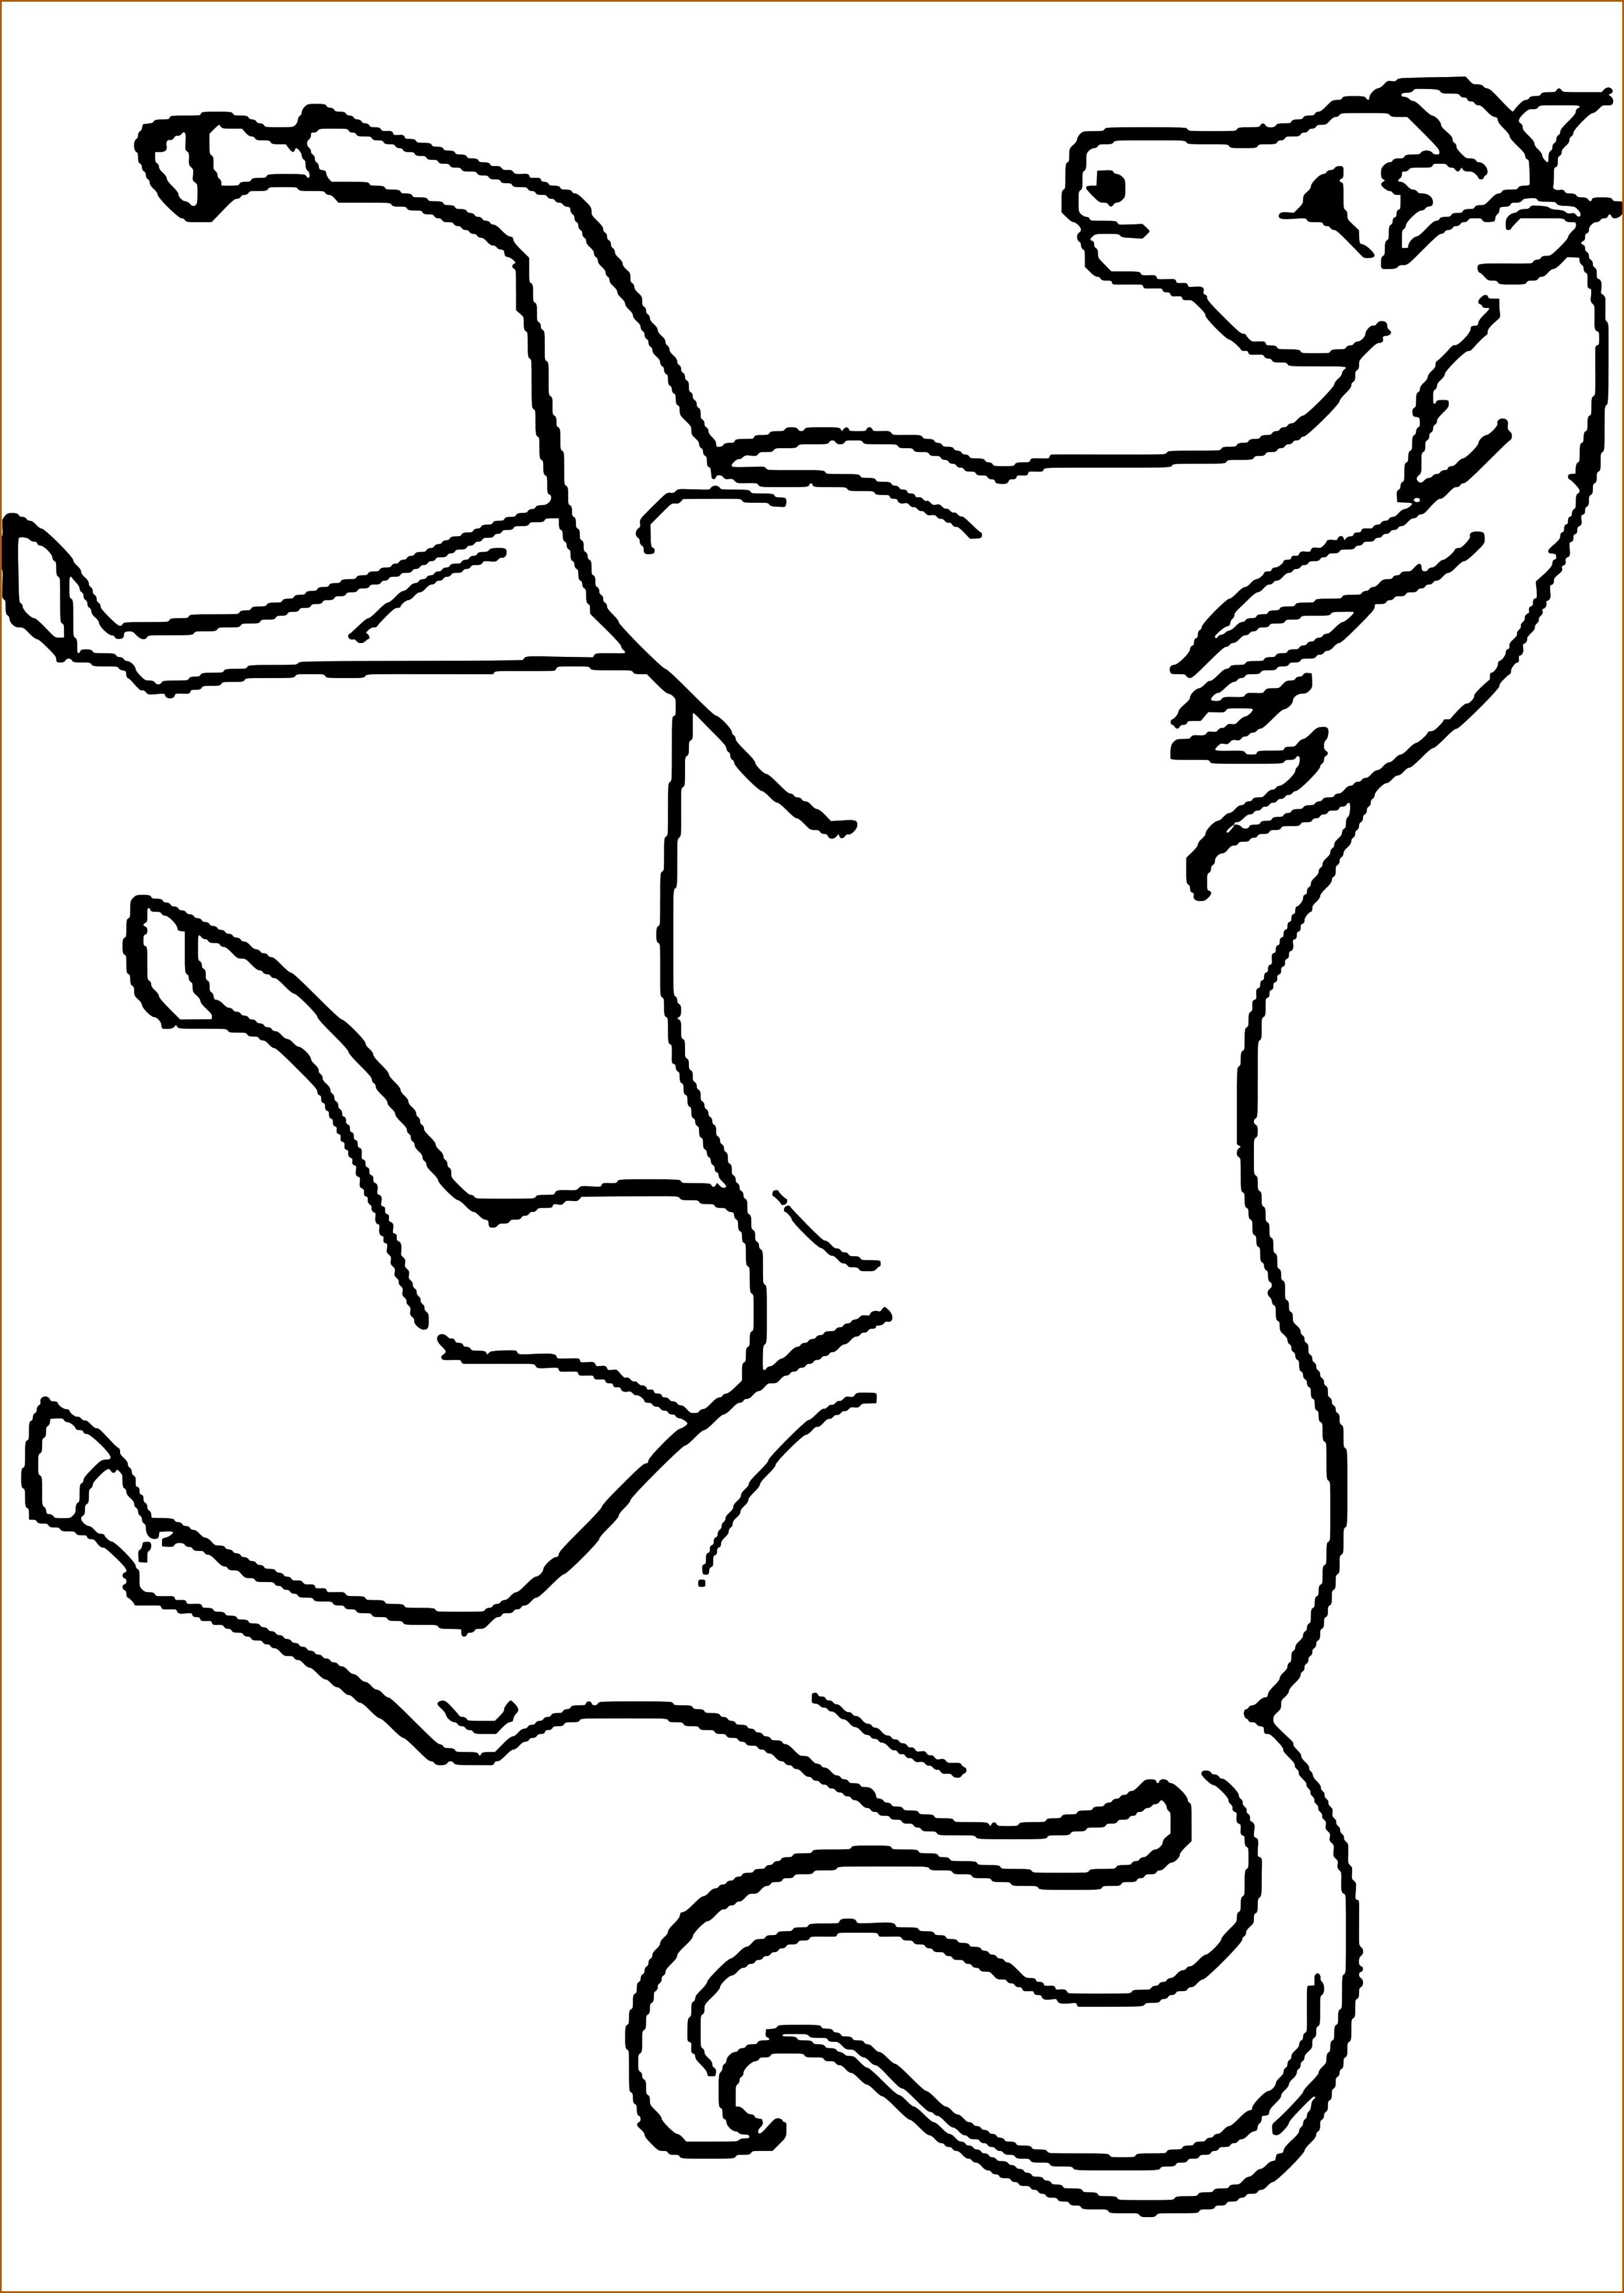 Mandala Ausmalbilder Für Weihnachten Weihnachtsvorlagen Einzigartig 8 Drucken Von Malvorlagen Für Kinder Vorlagen123 Vorlagen123 Galerie